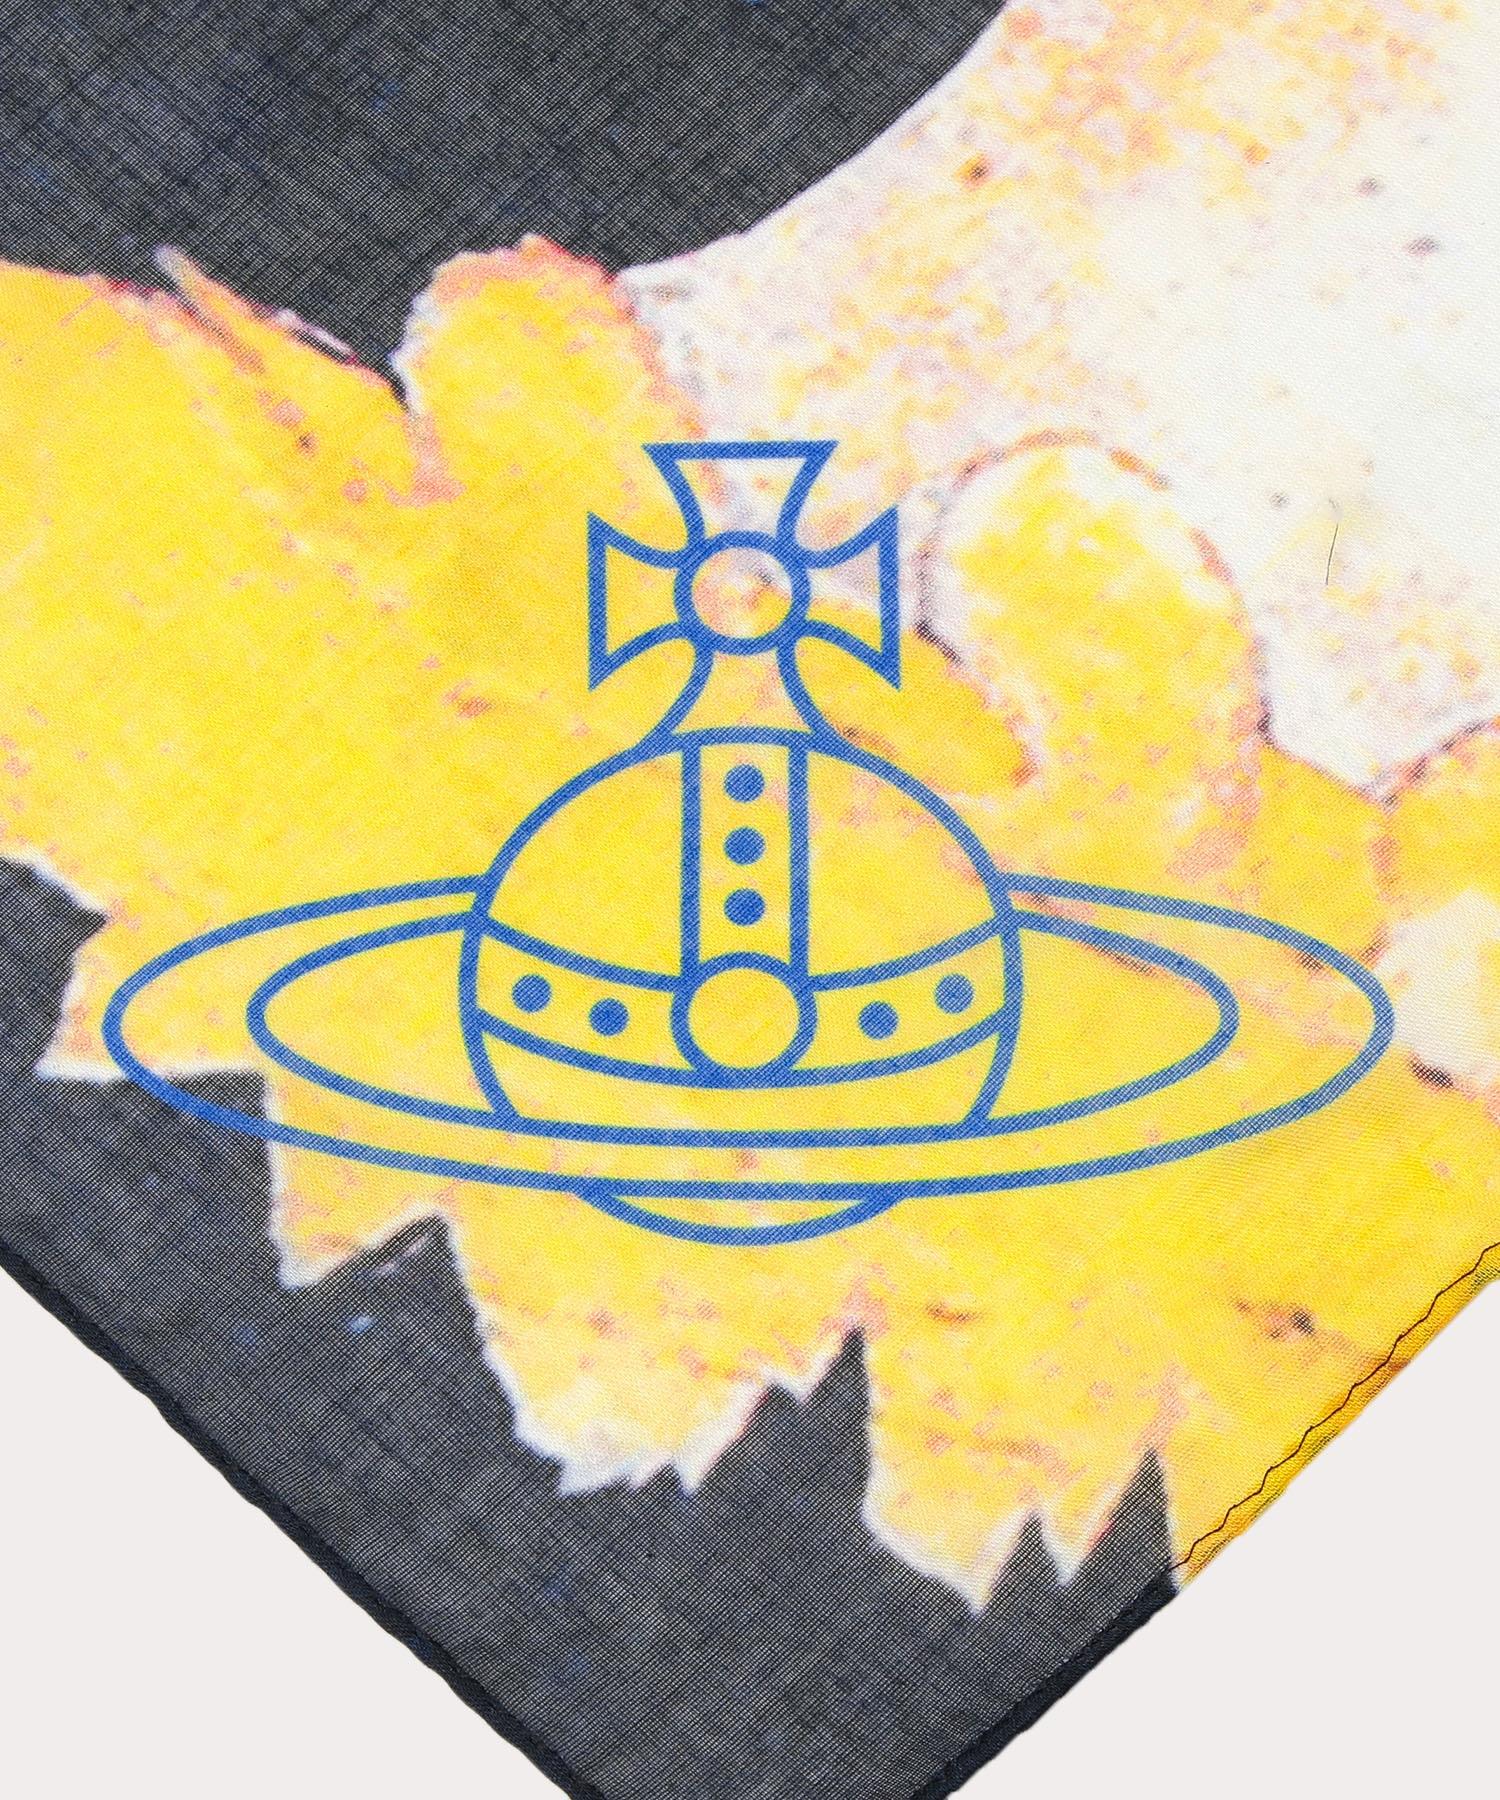 オンラインショップ限定 【4枚セット】カーピフラワー ラージハンカチーフ